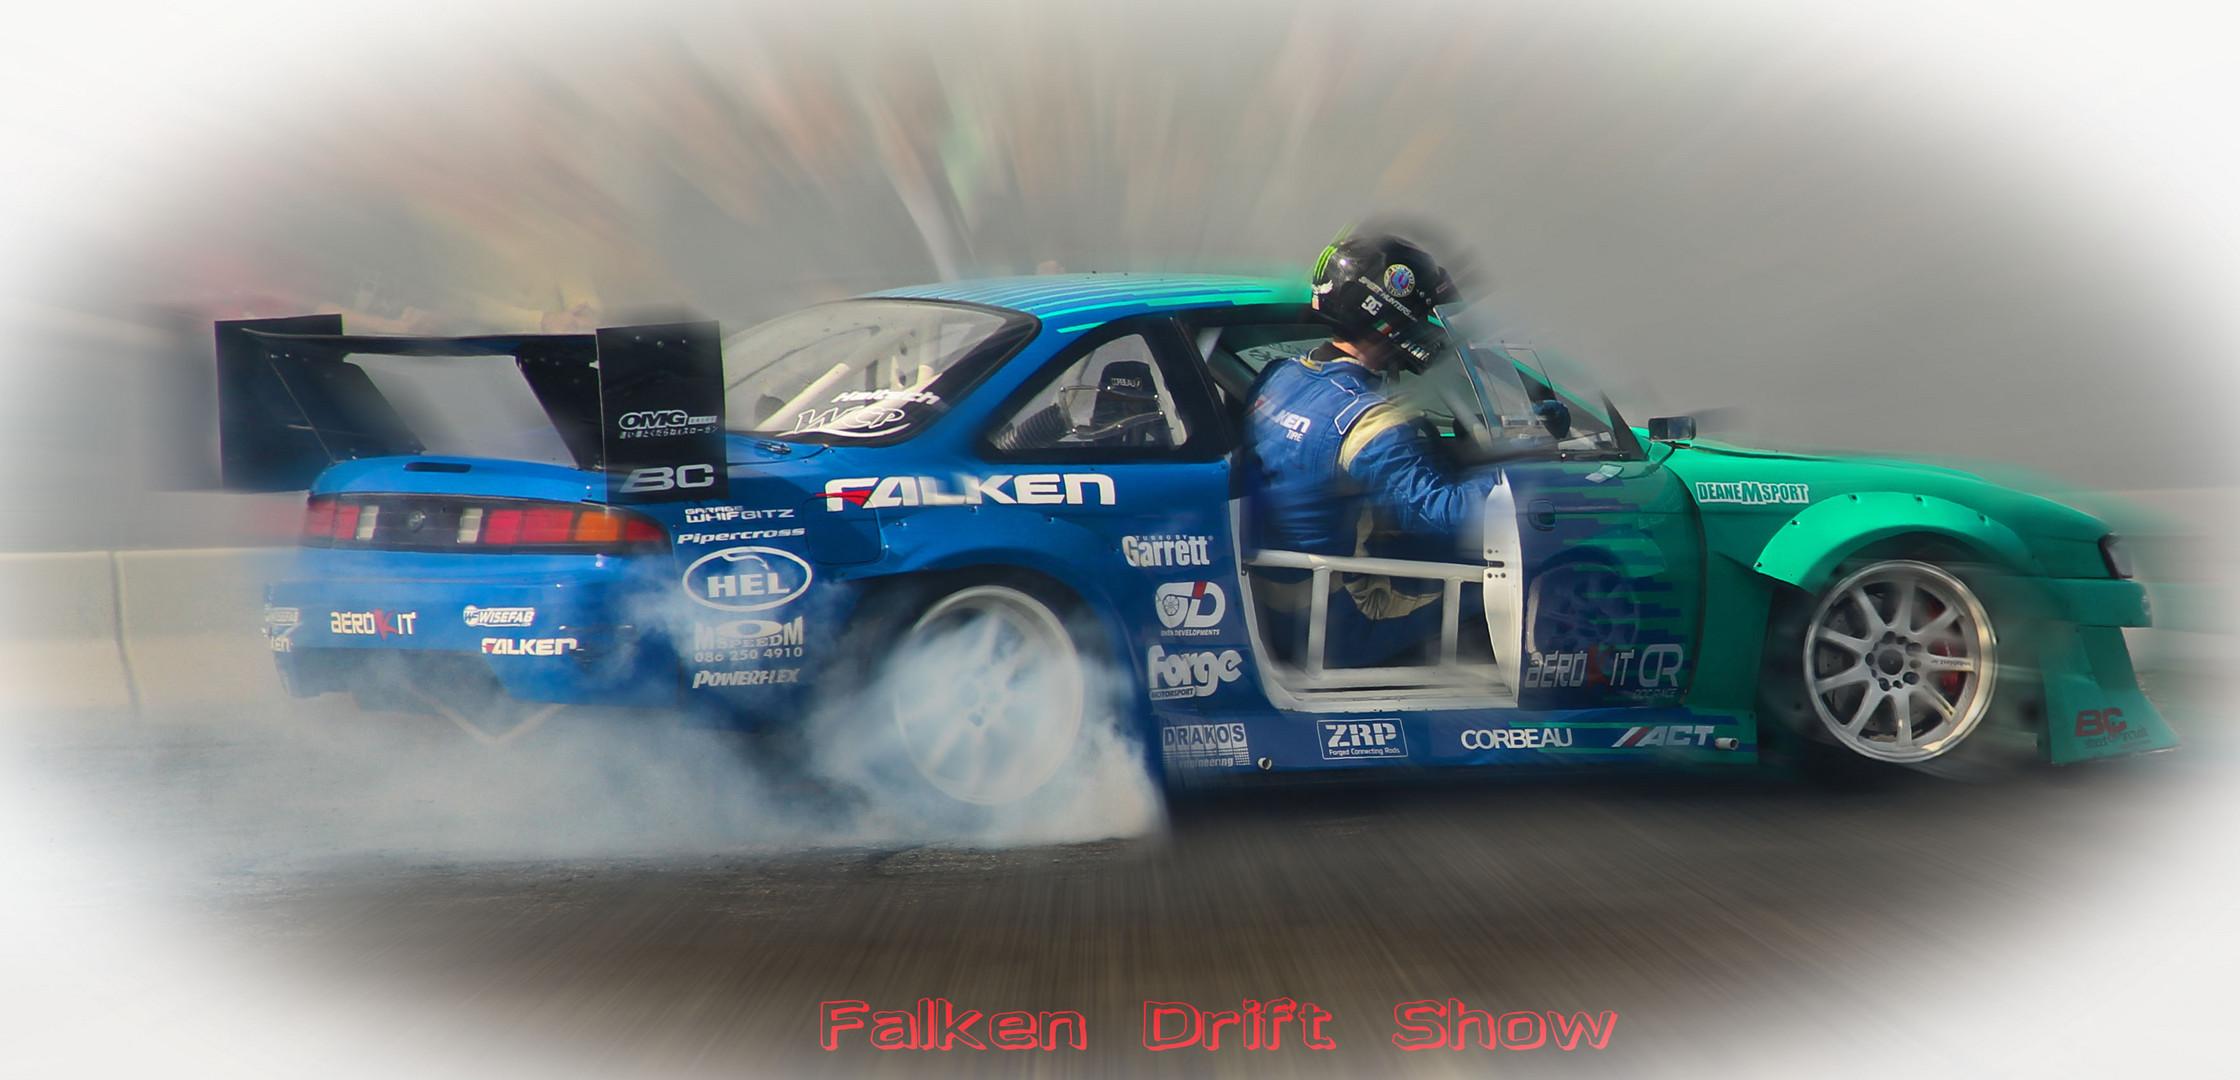 Falken Drift Show